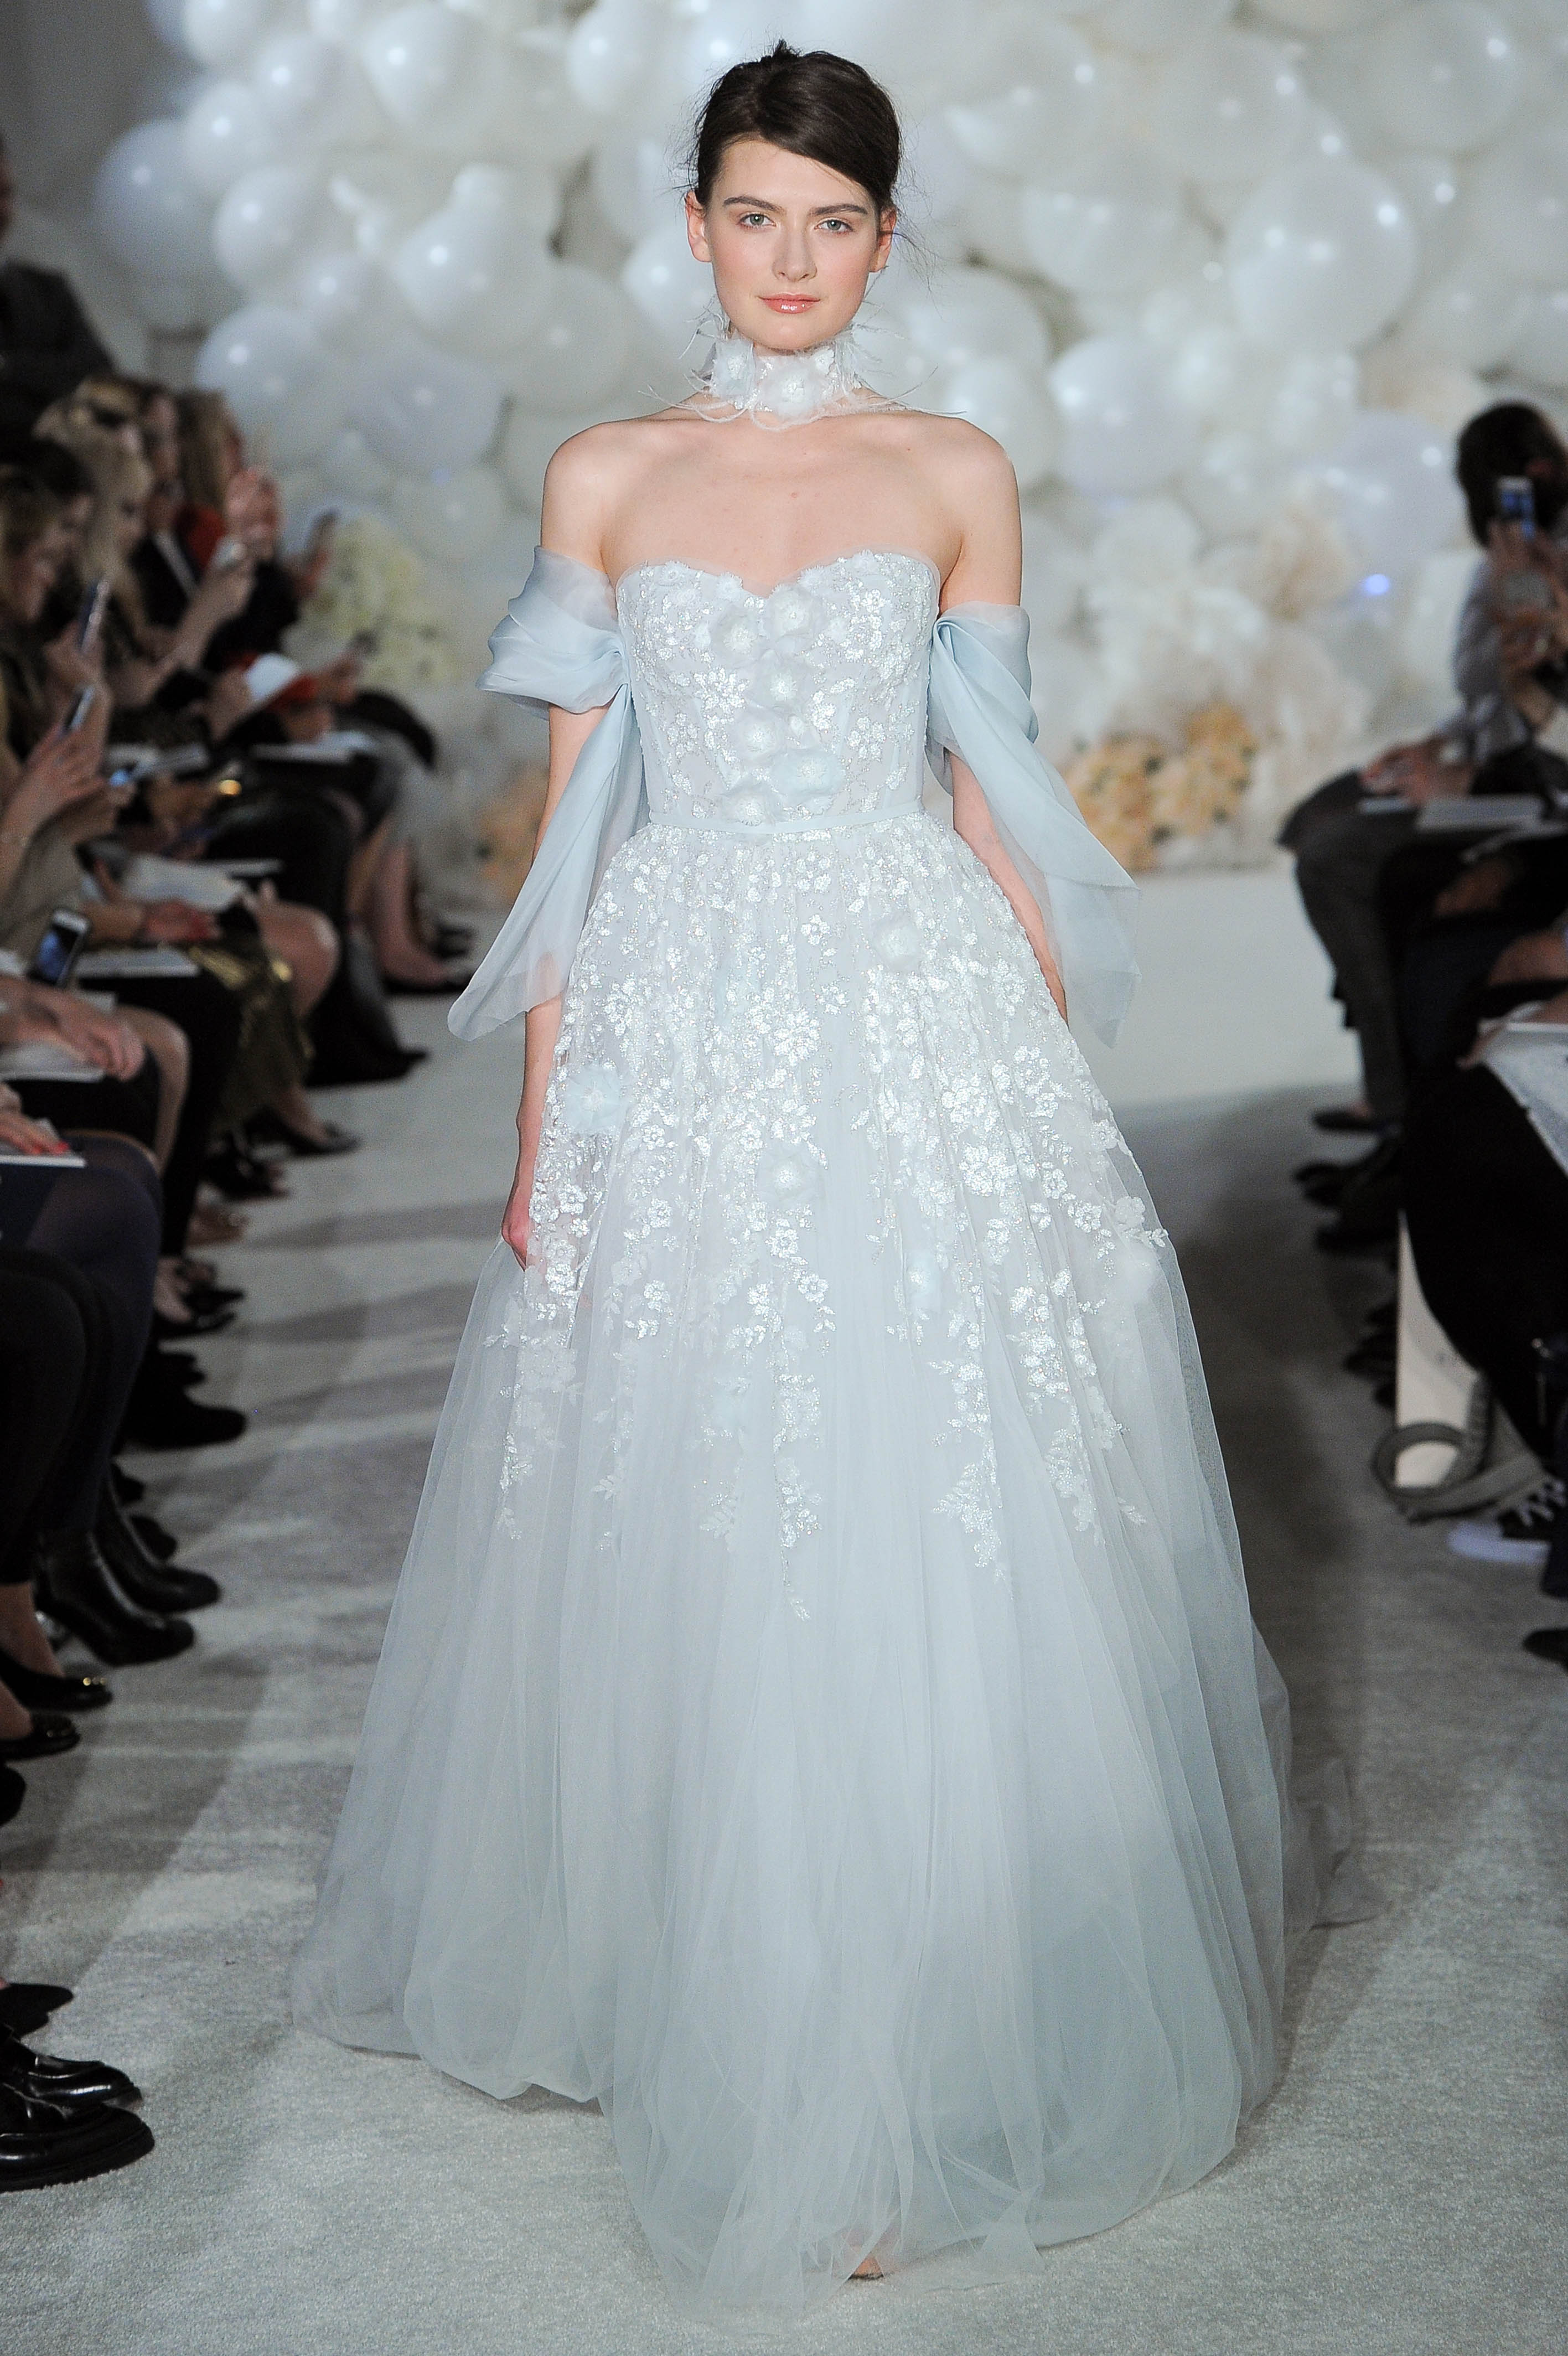 mira zwillinger blue wedding dress spring 2018 tulle off-the-shoulder